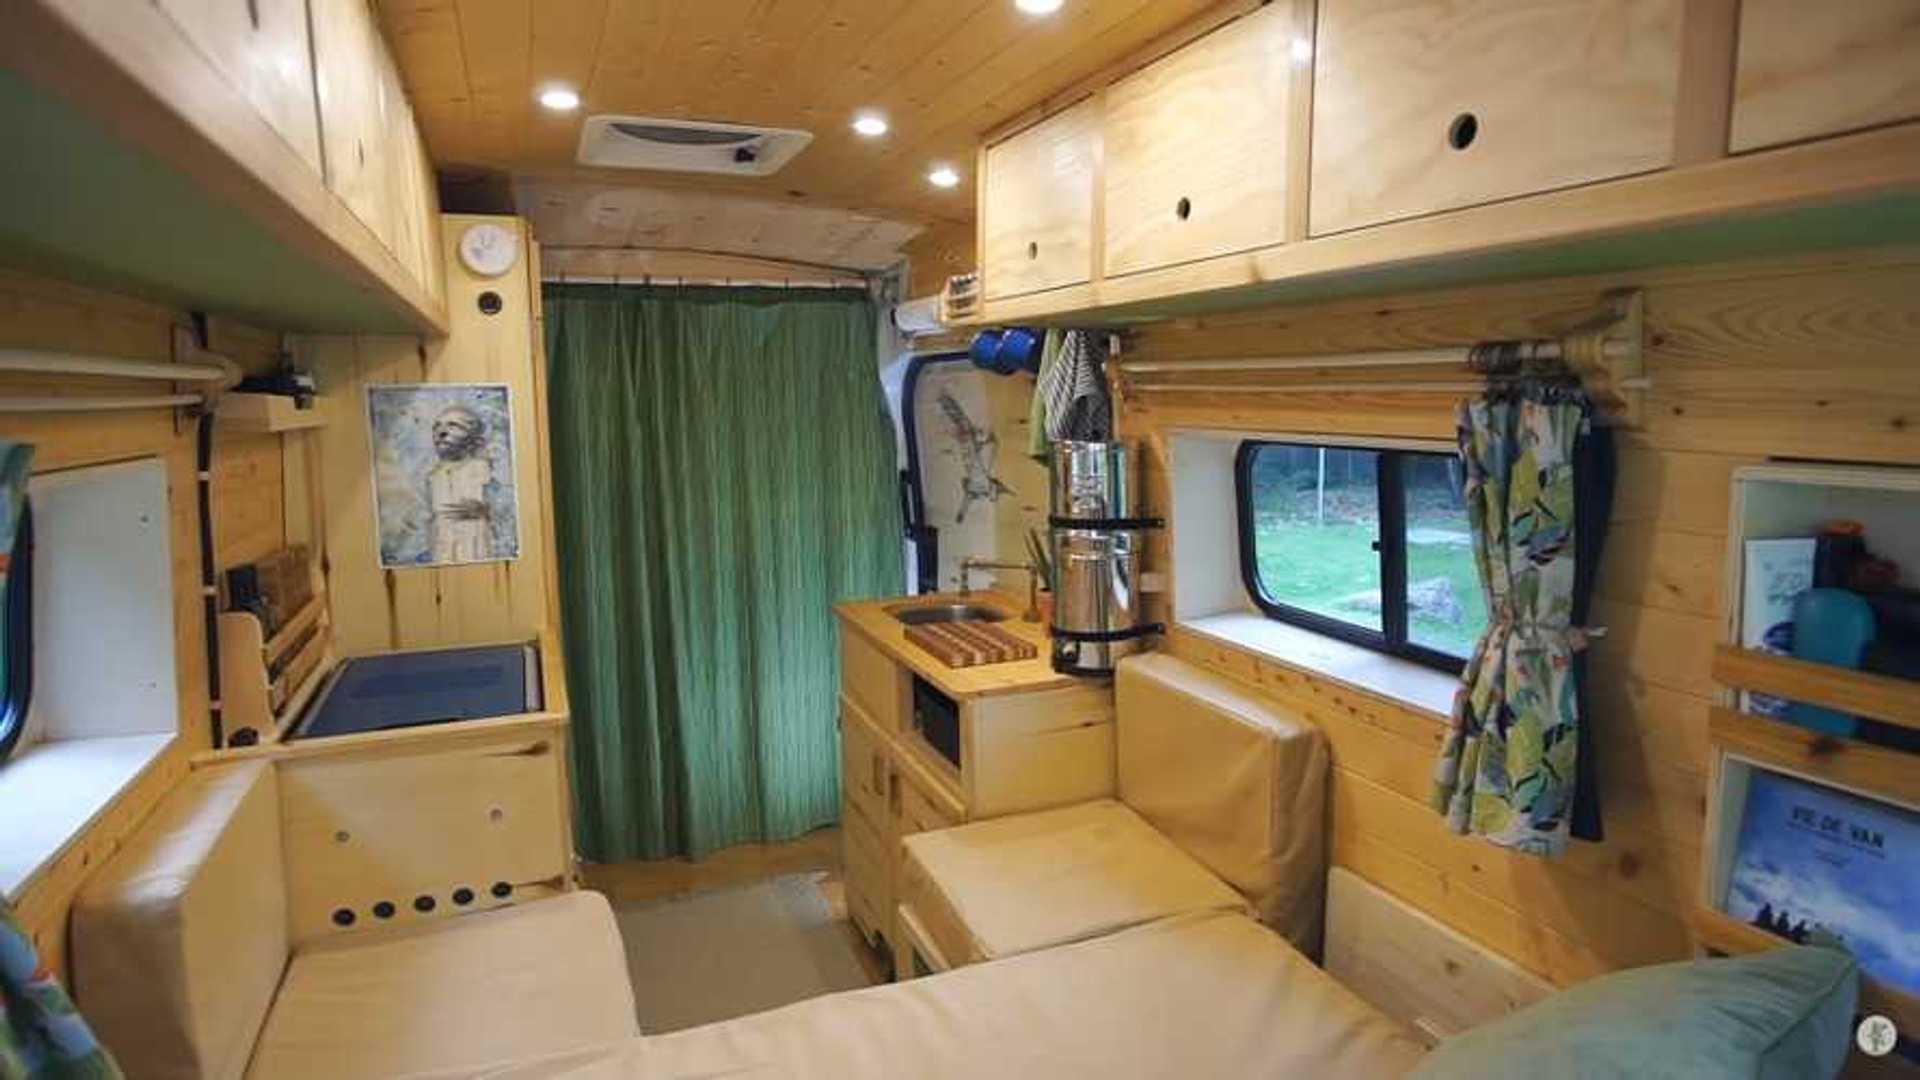 Homemade Camper Van Is Low Tech